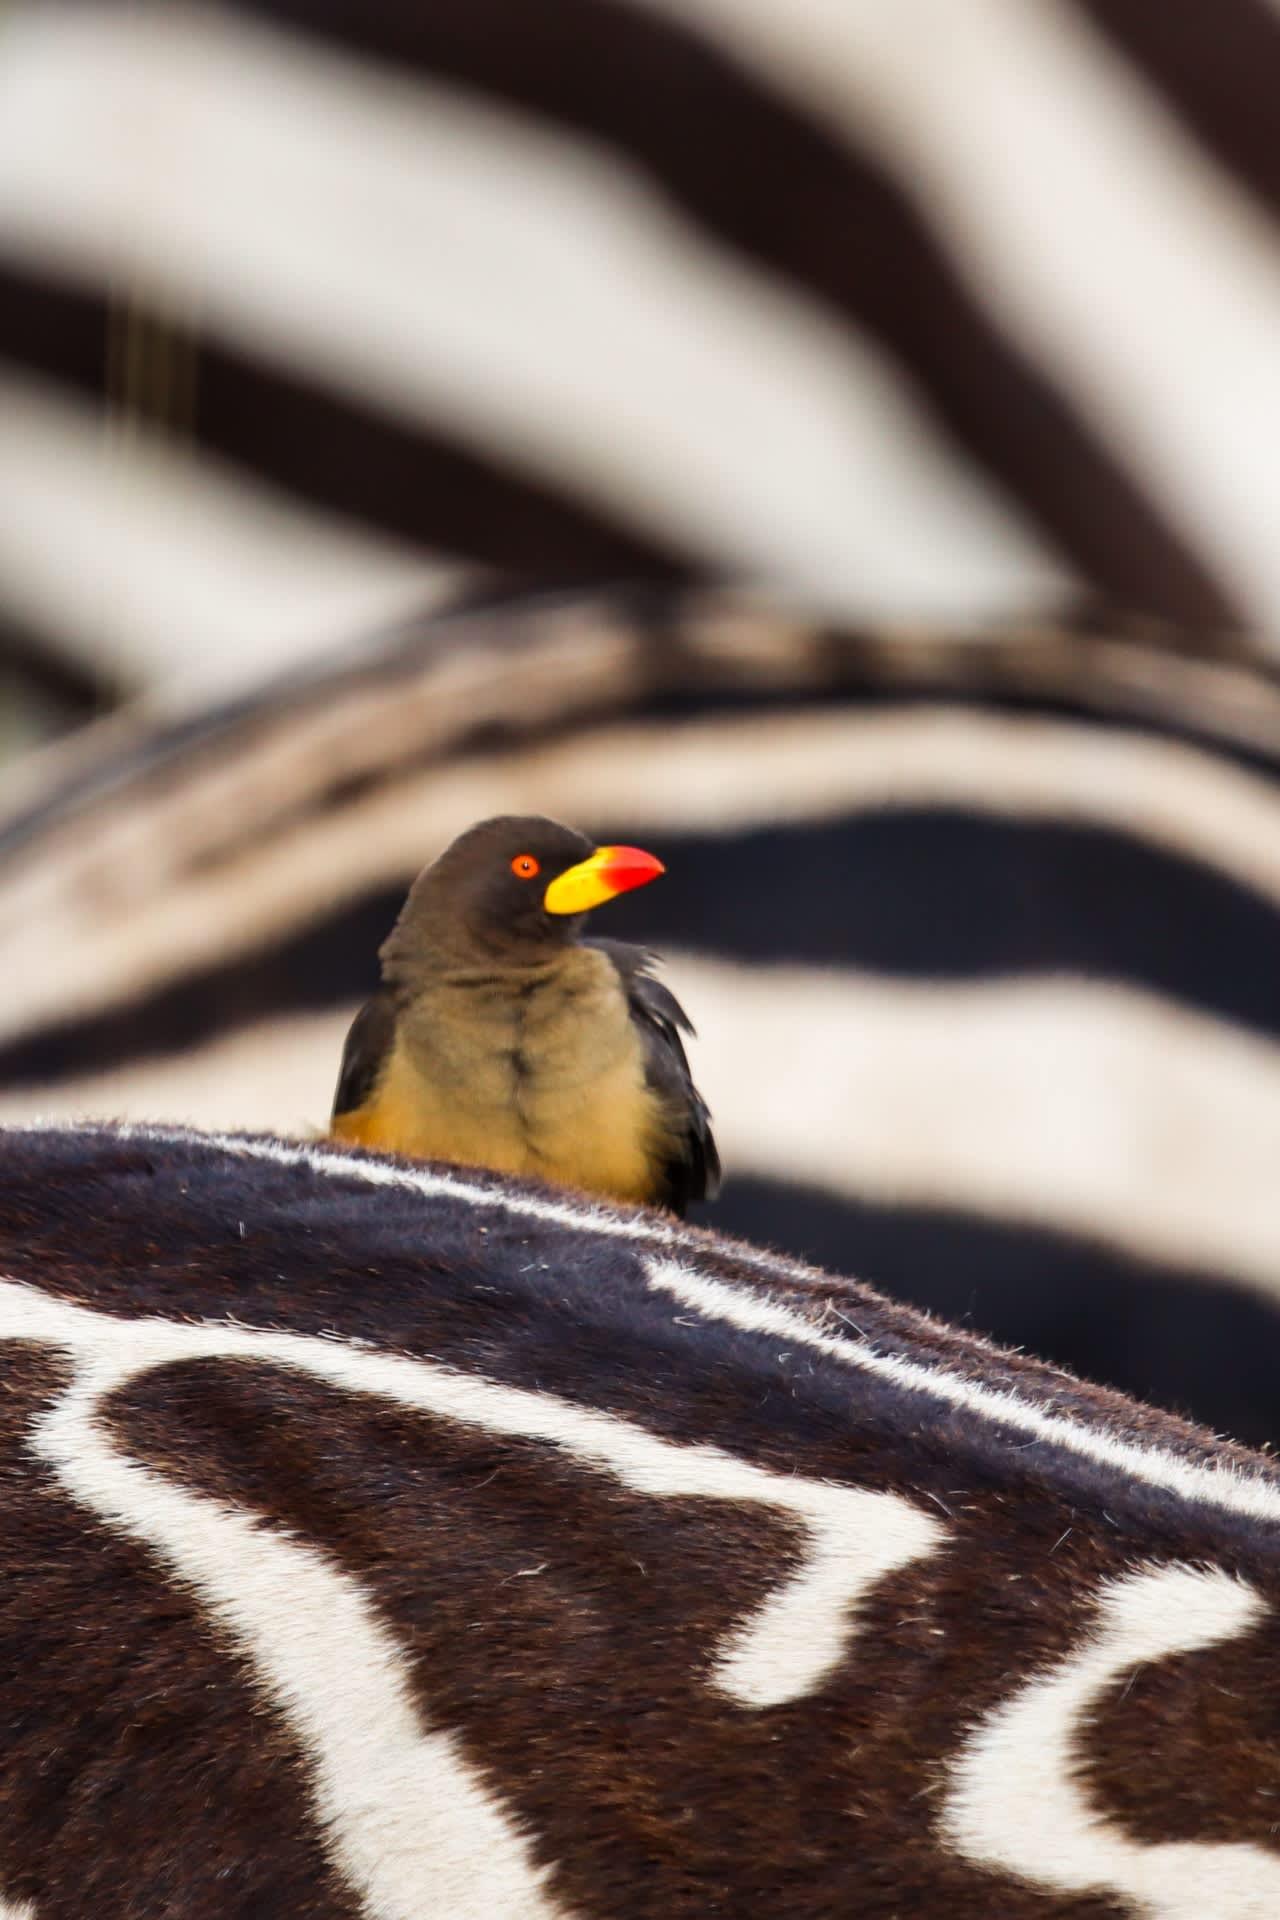 Bird On Zebra